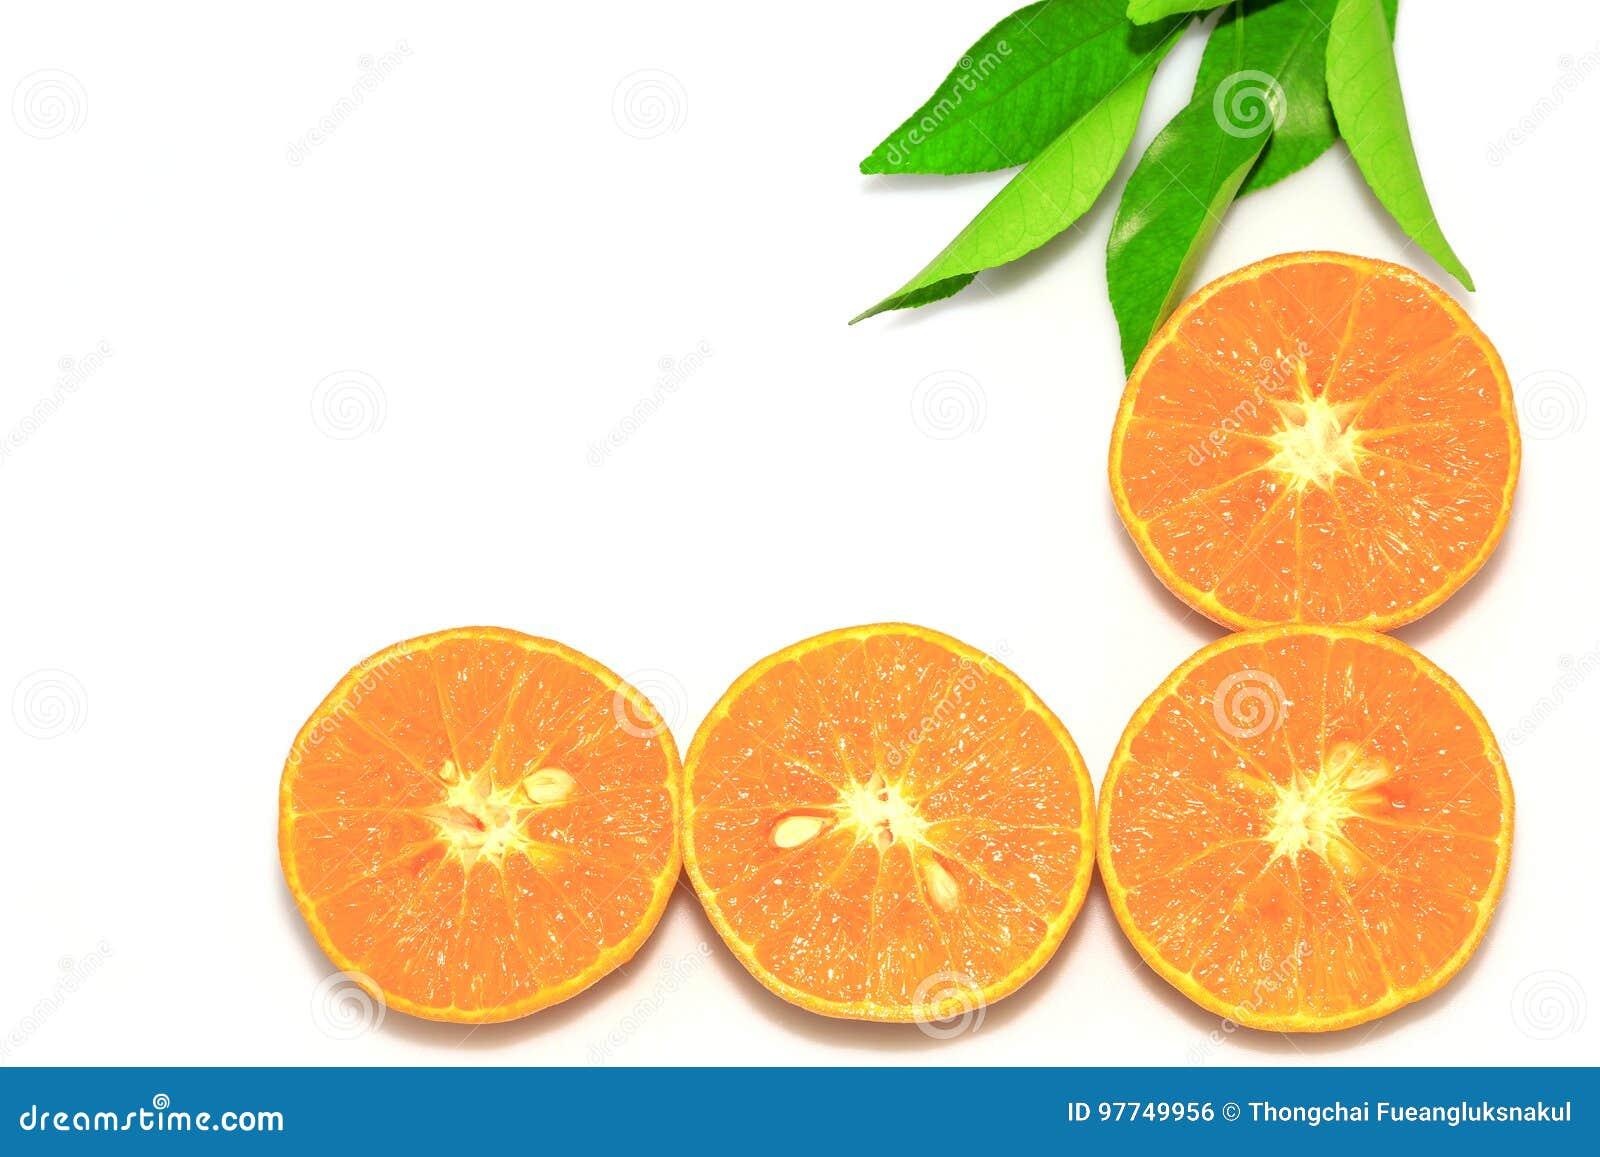 Pomarańczowe mandarynki lub tangerine owoc z zielonymi liśćmi, odizolowywają na białym tle